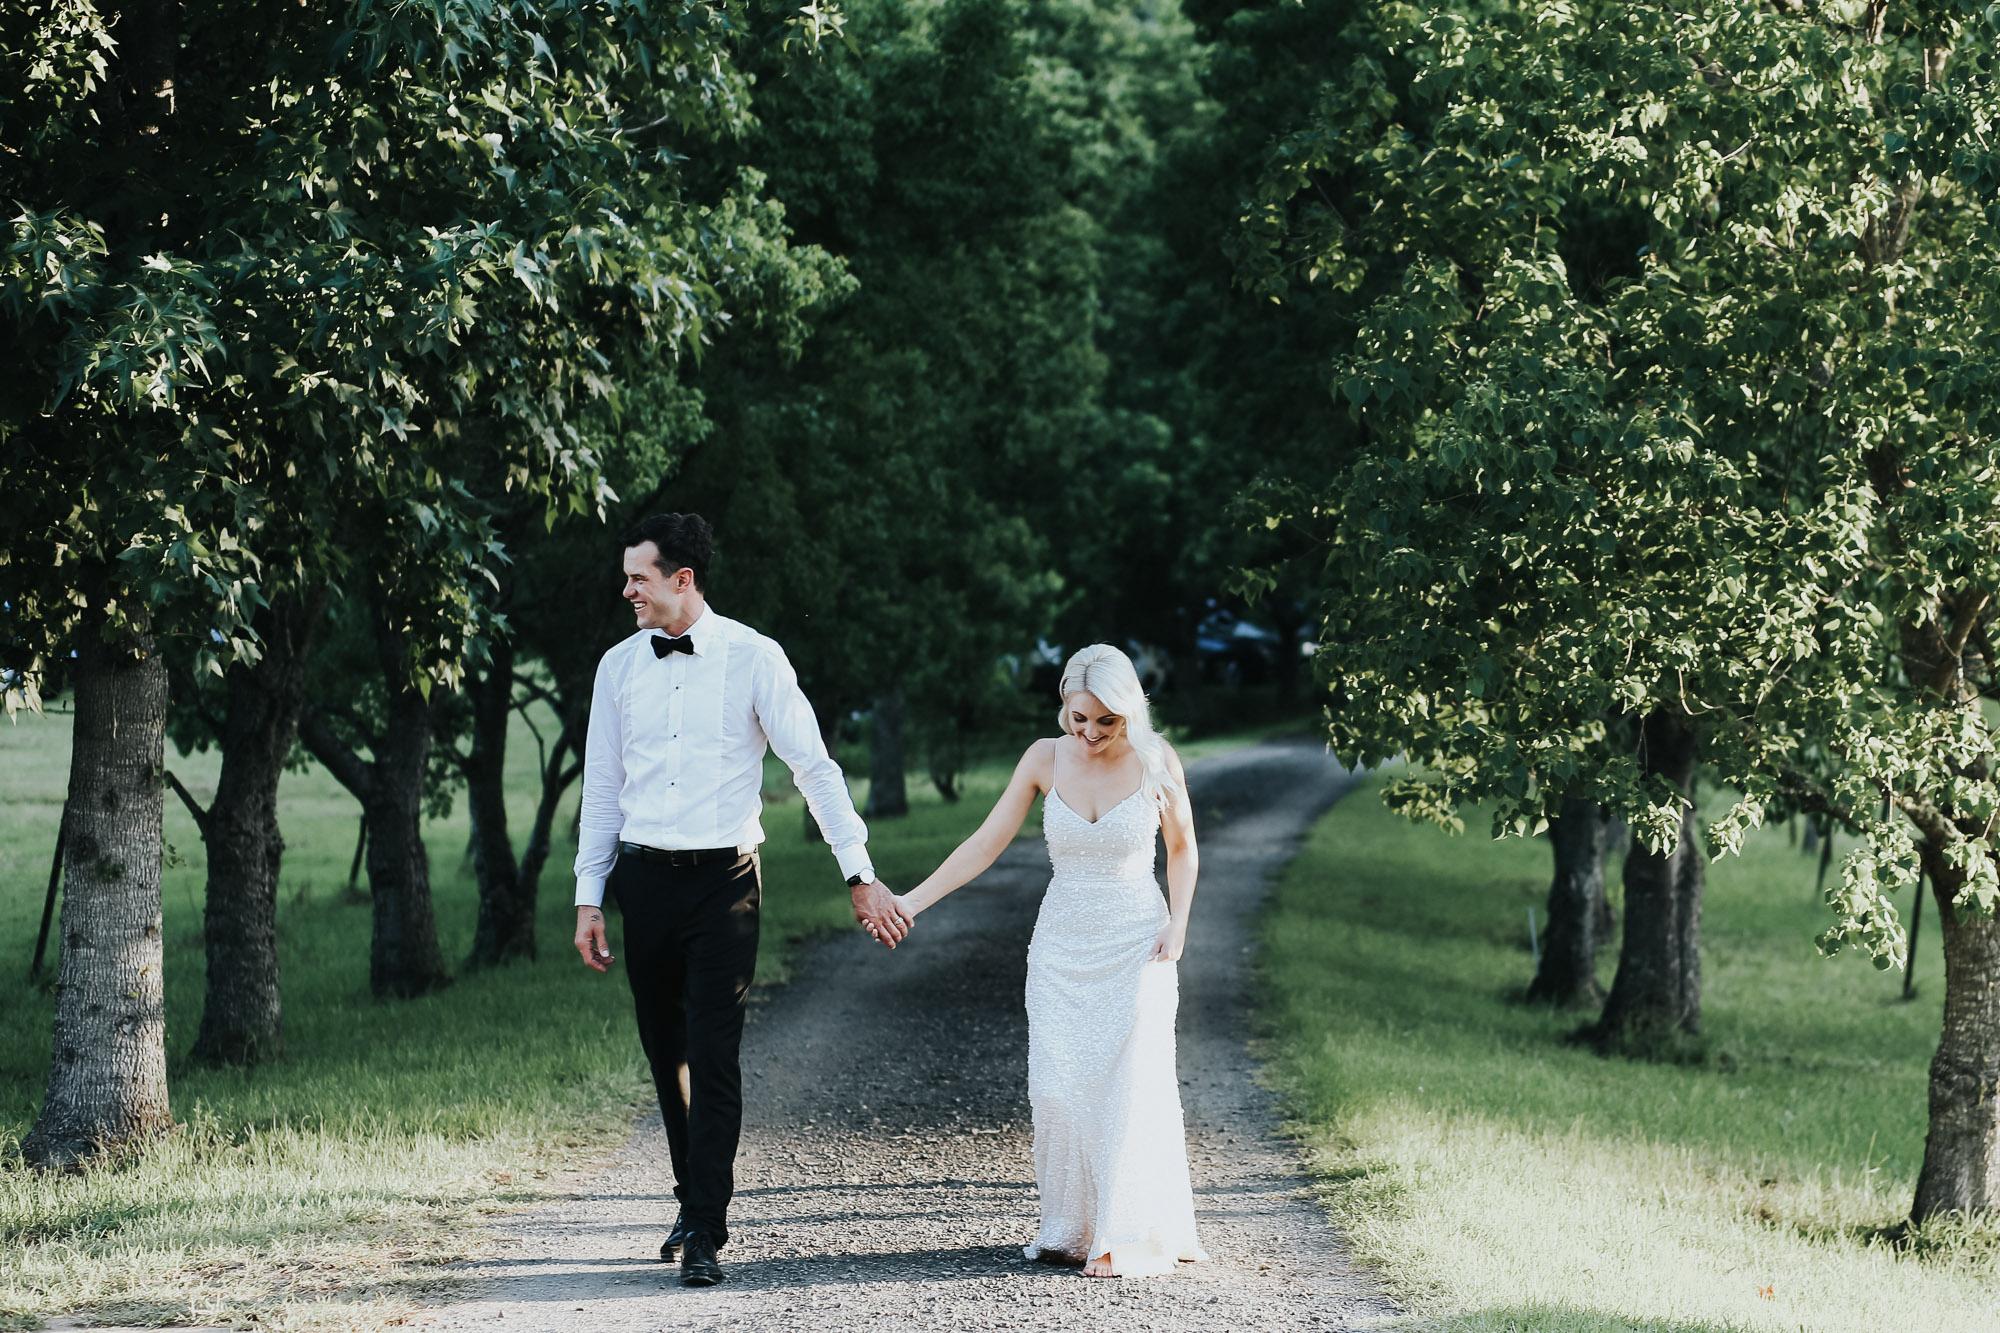 countrywedding-diy-bride-groom